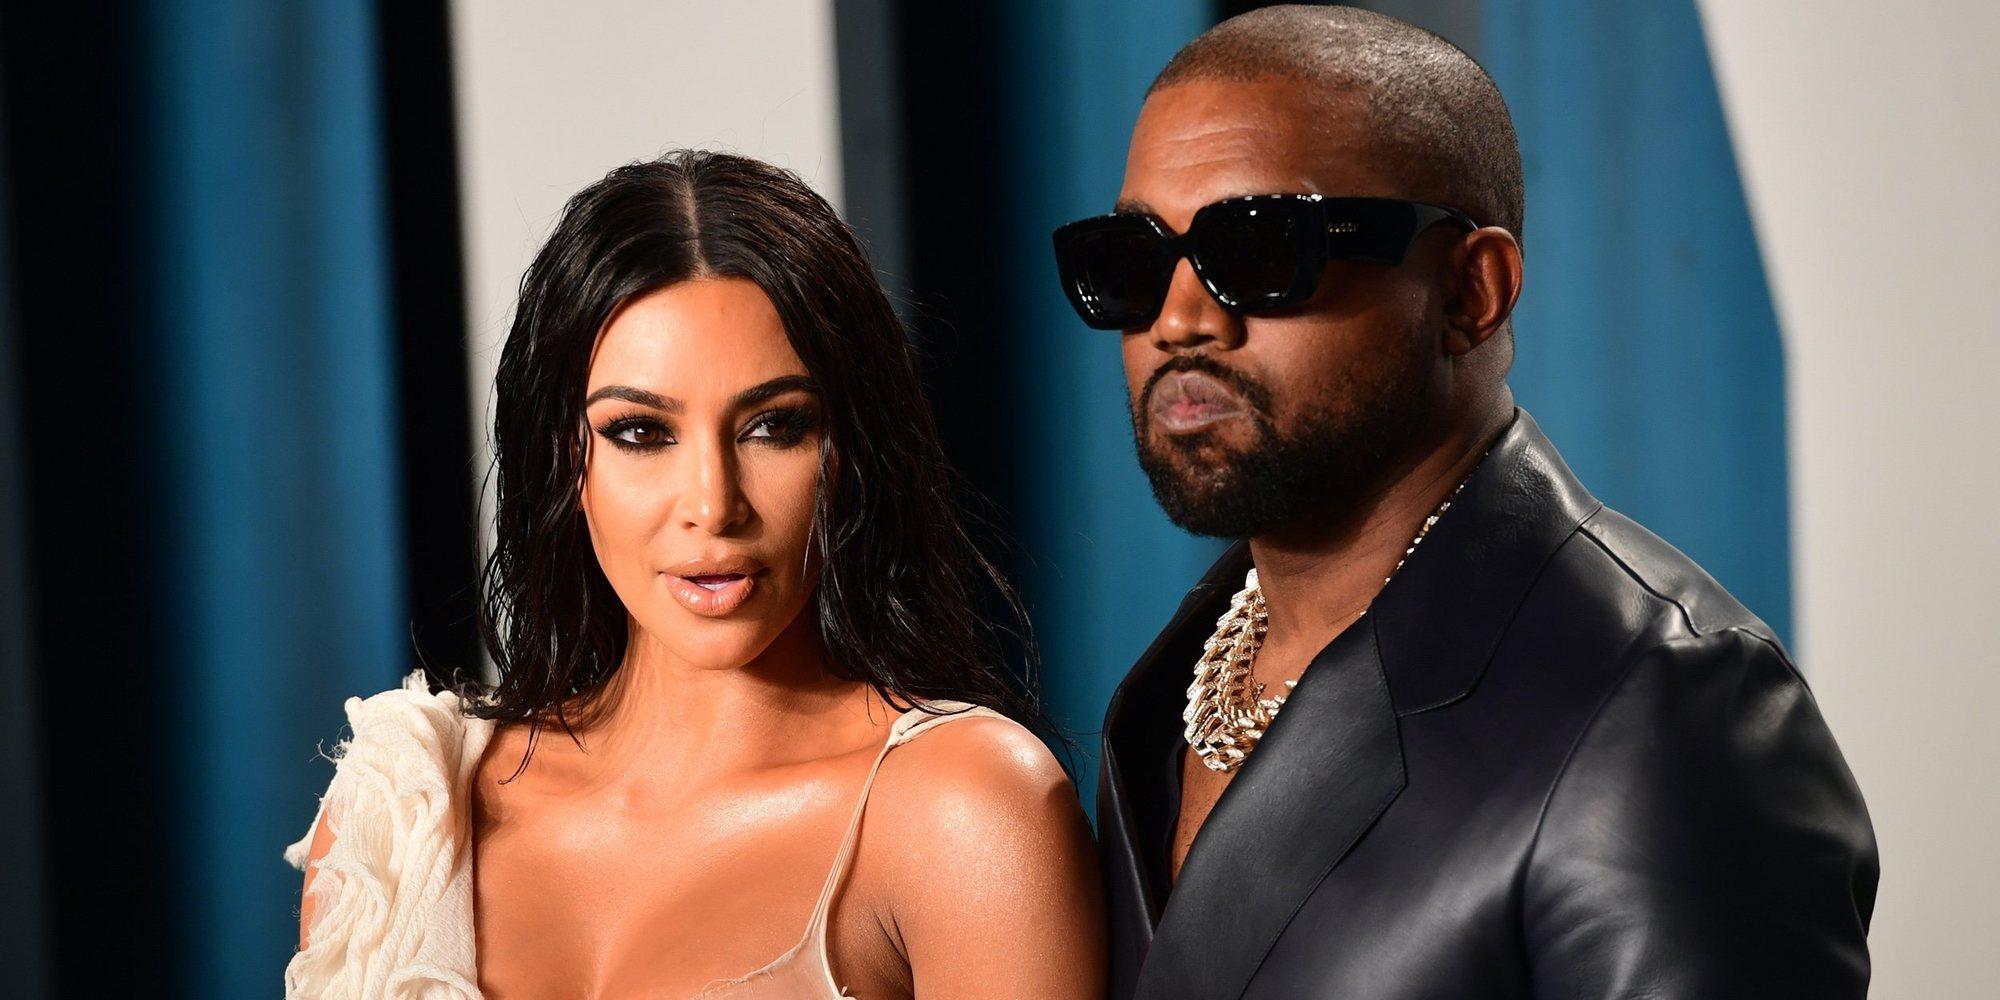 El divorcio de Kim Kardashian y Kanye West, el plato fuerte de la última temporada de 'KUWTK'